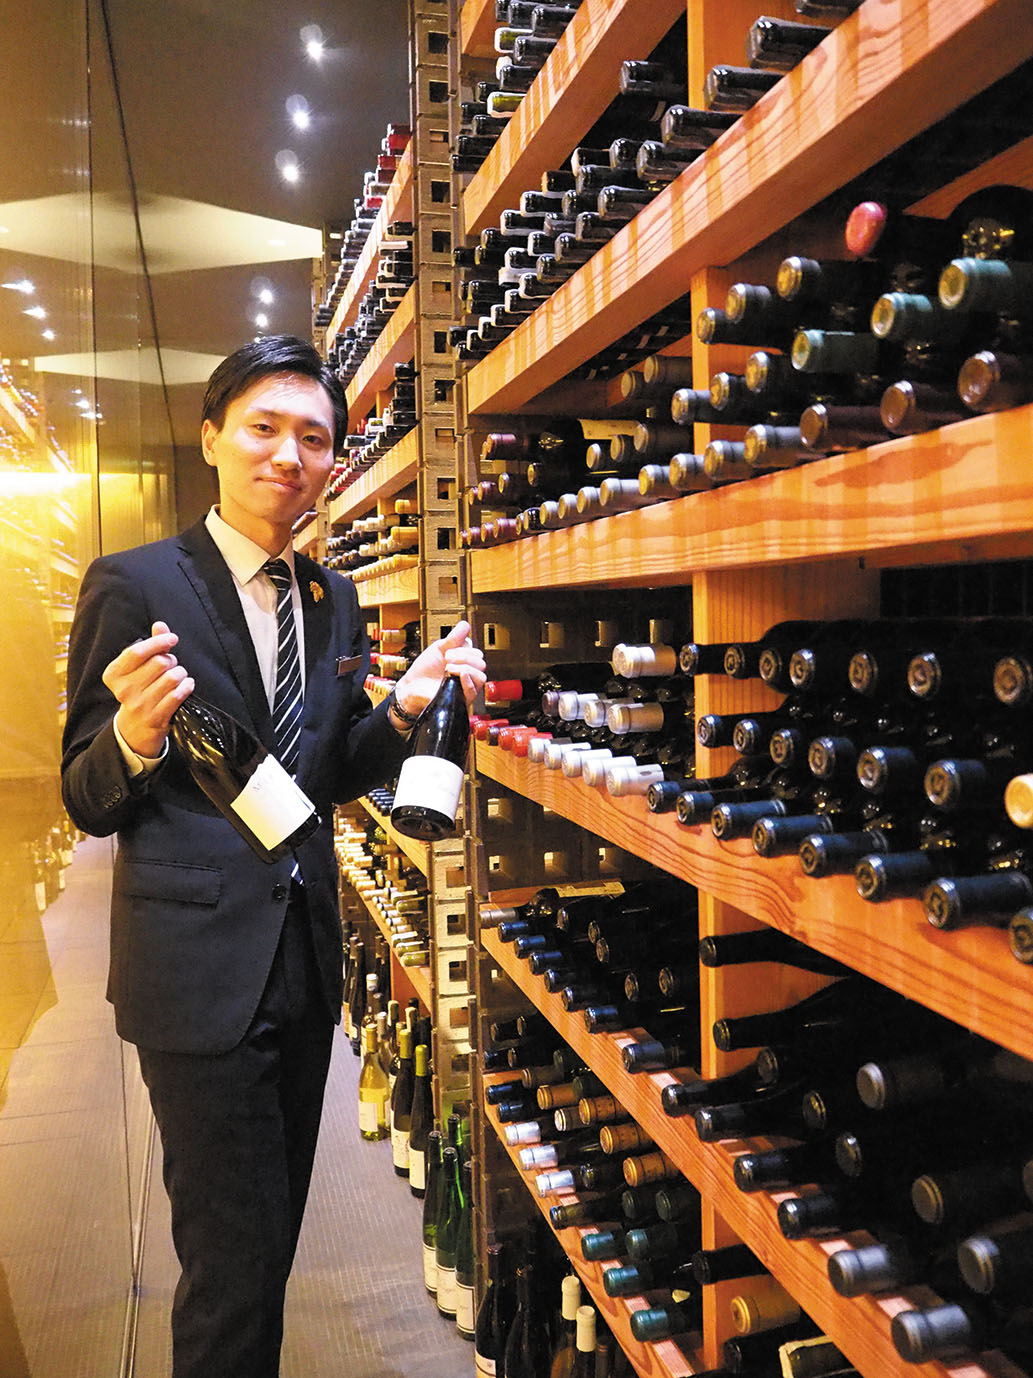 セラーには常時2500本のワイン。ソムリエが、オットセッテの秀逸な料理にぴったり合う、時には思いがけないハーモニーを生み出すマリアージュを定案してくれる。